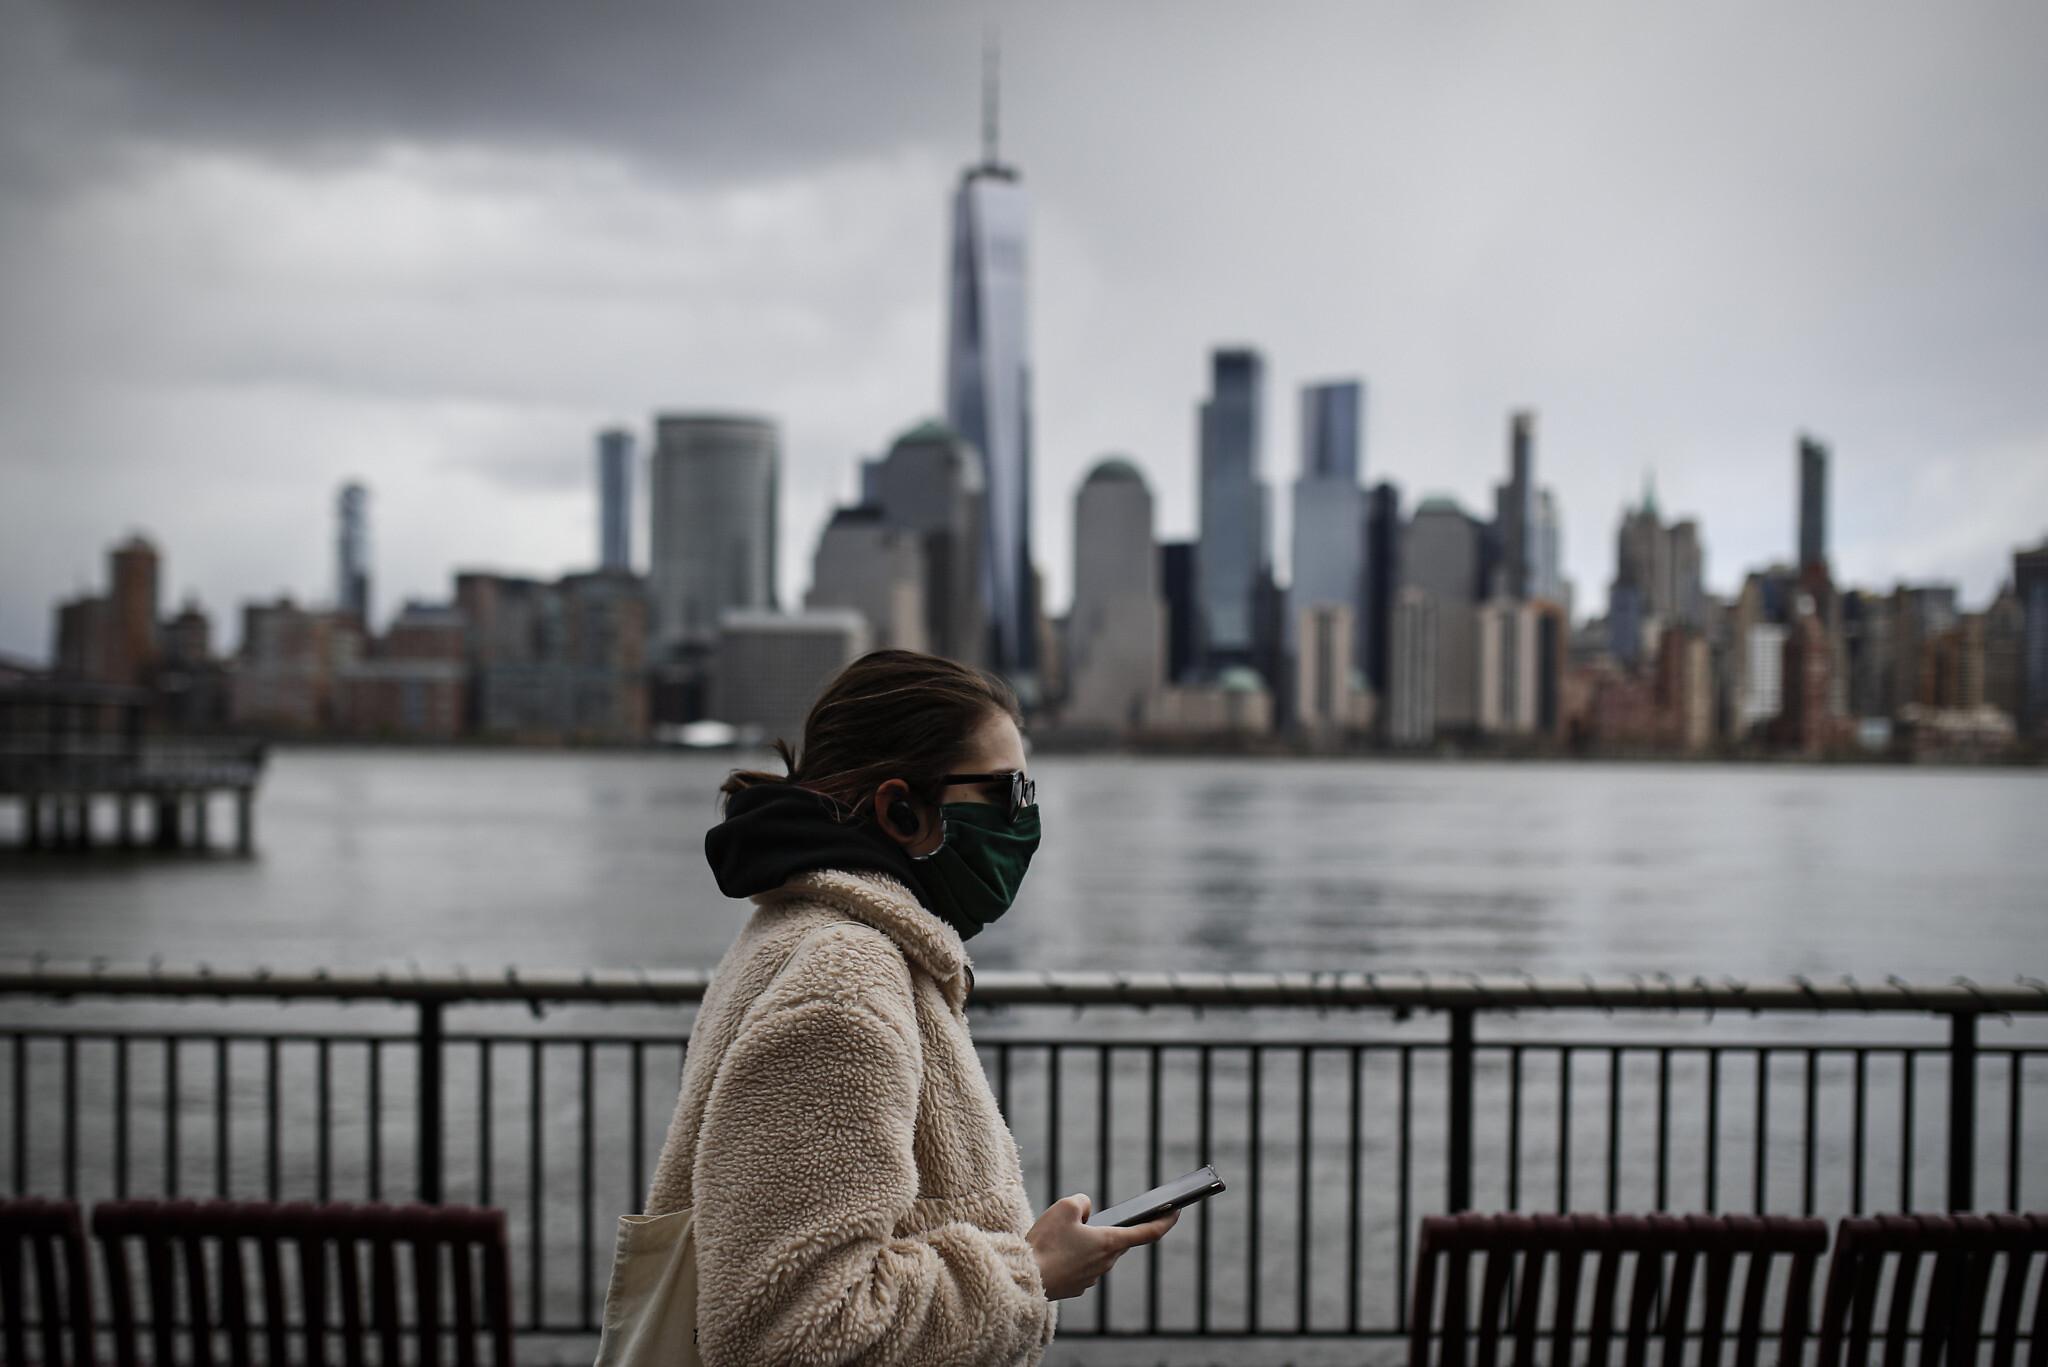 China slams US shifting blame amid COVID-19 pandemic